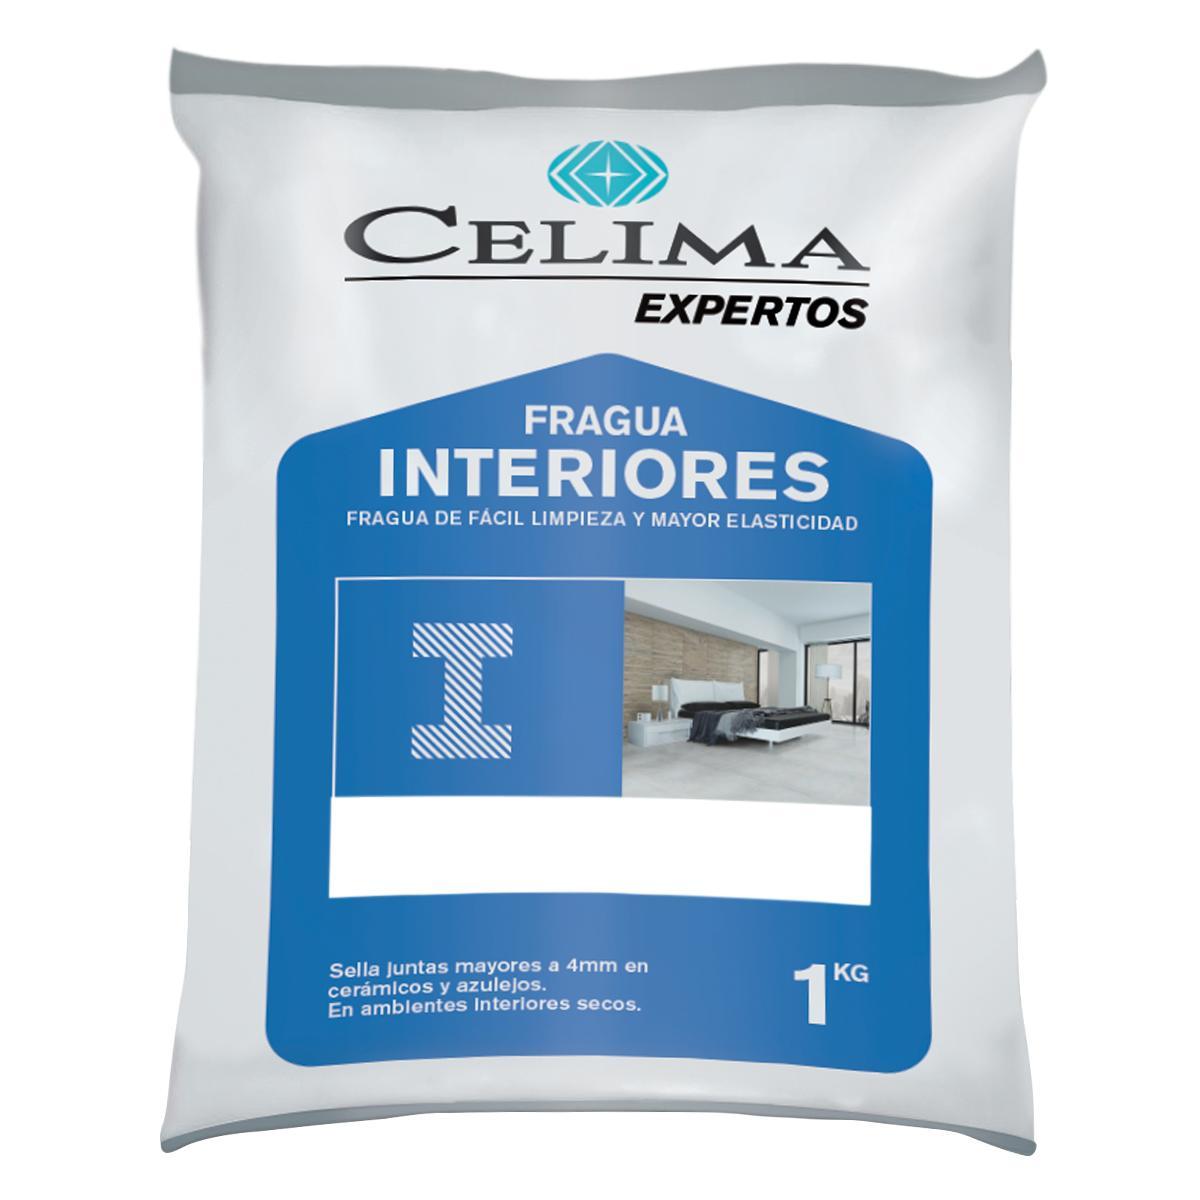 Fragua Interiores Blanco - 1 KG